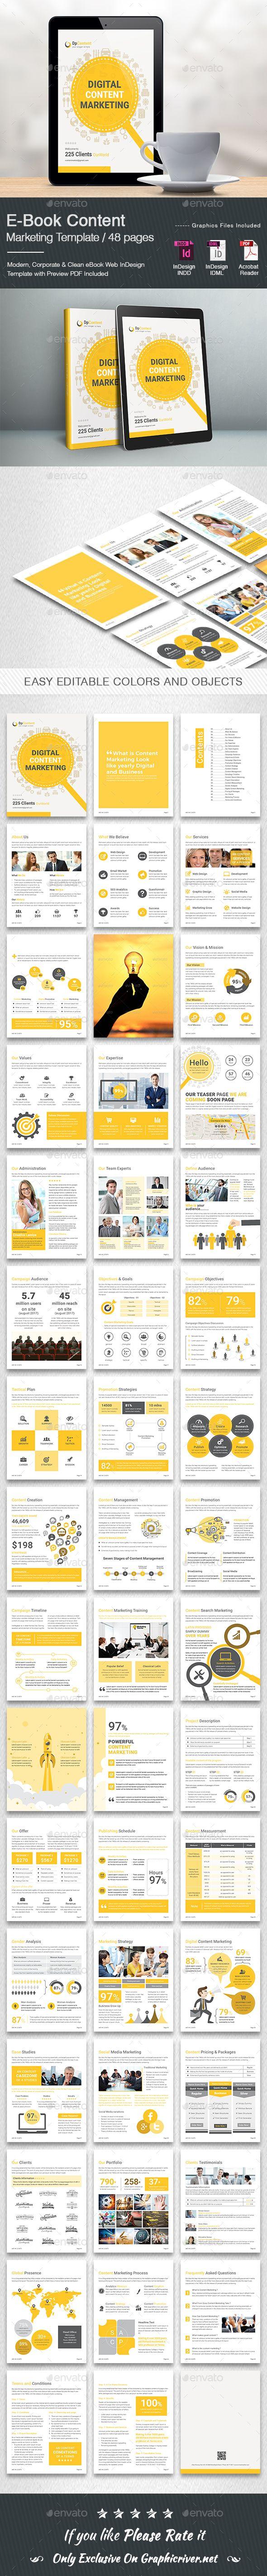 E-Book Content Marketing